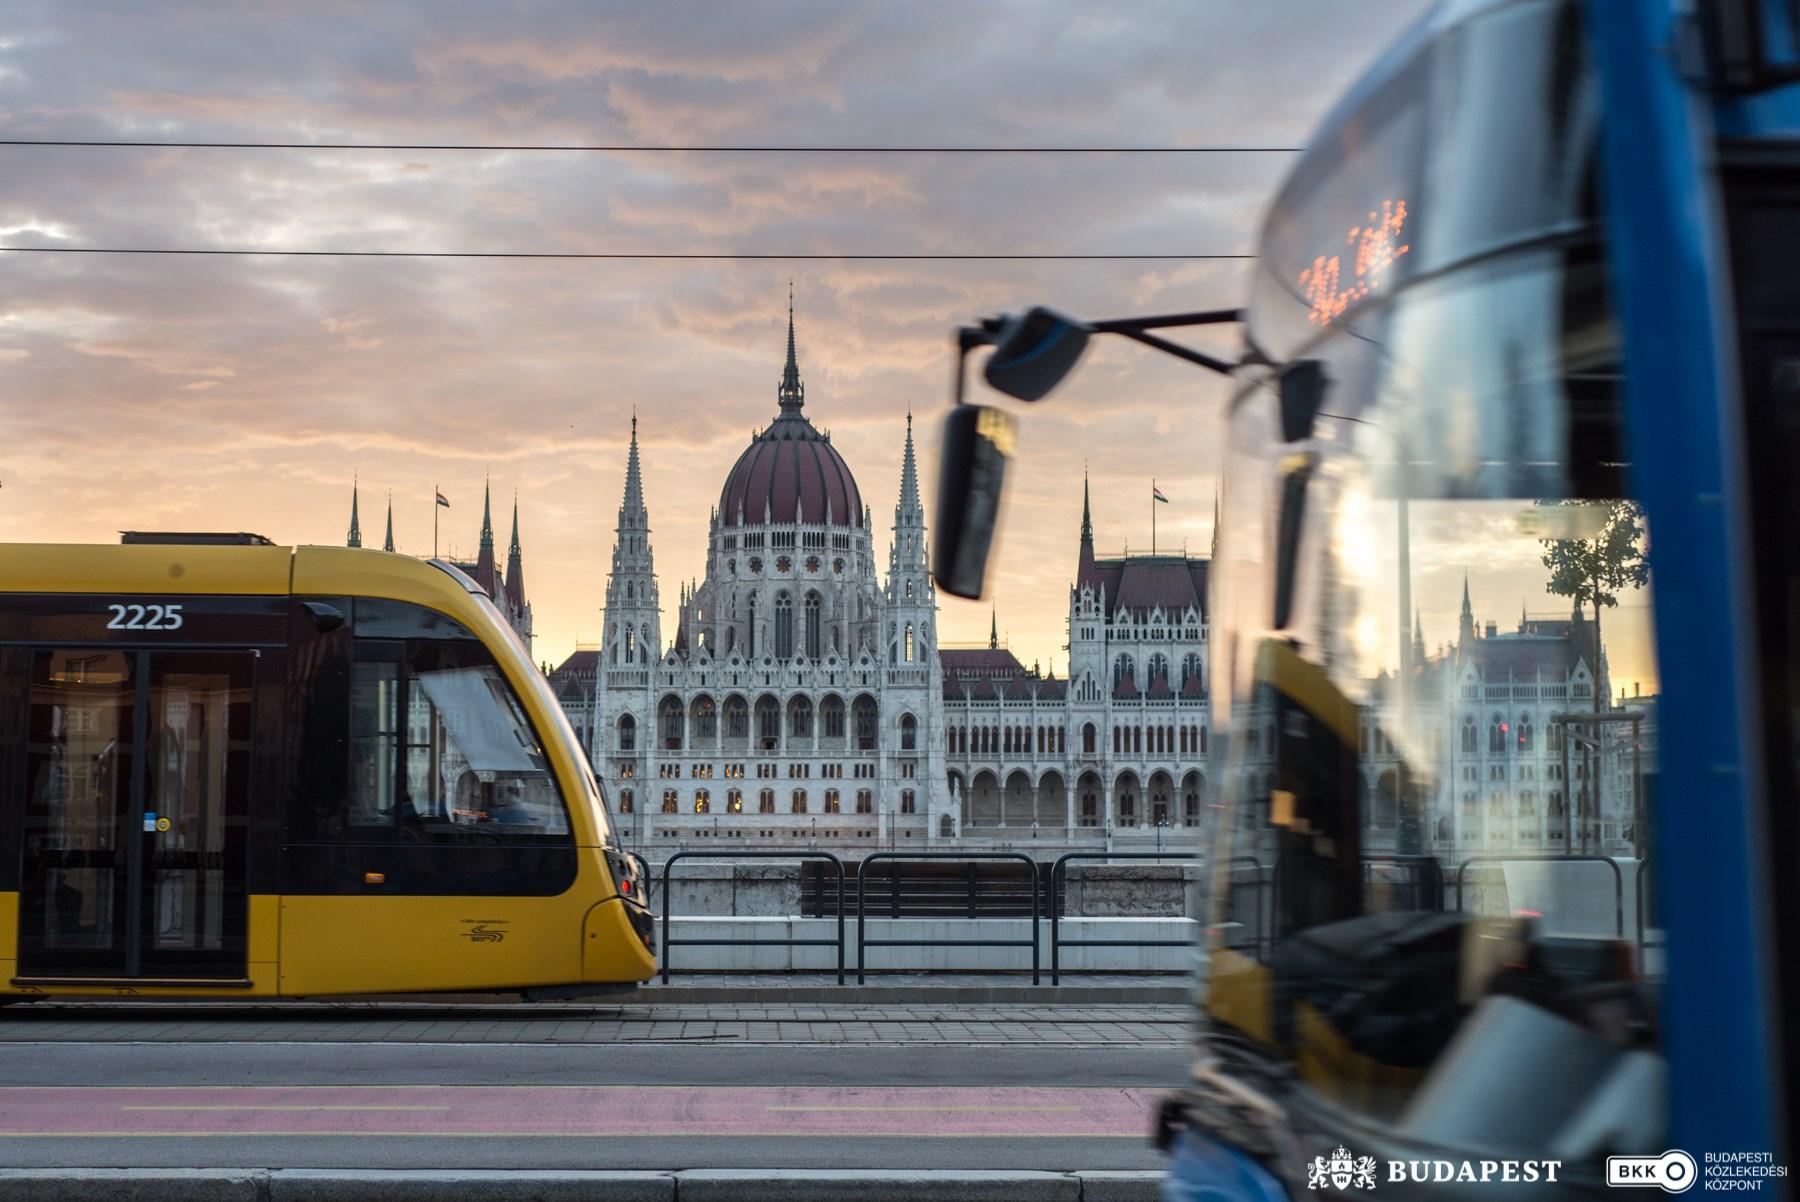 bkk tram budapest